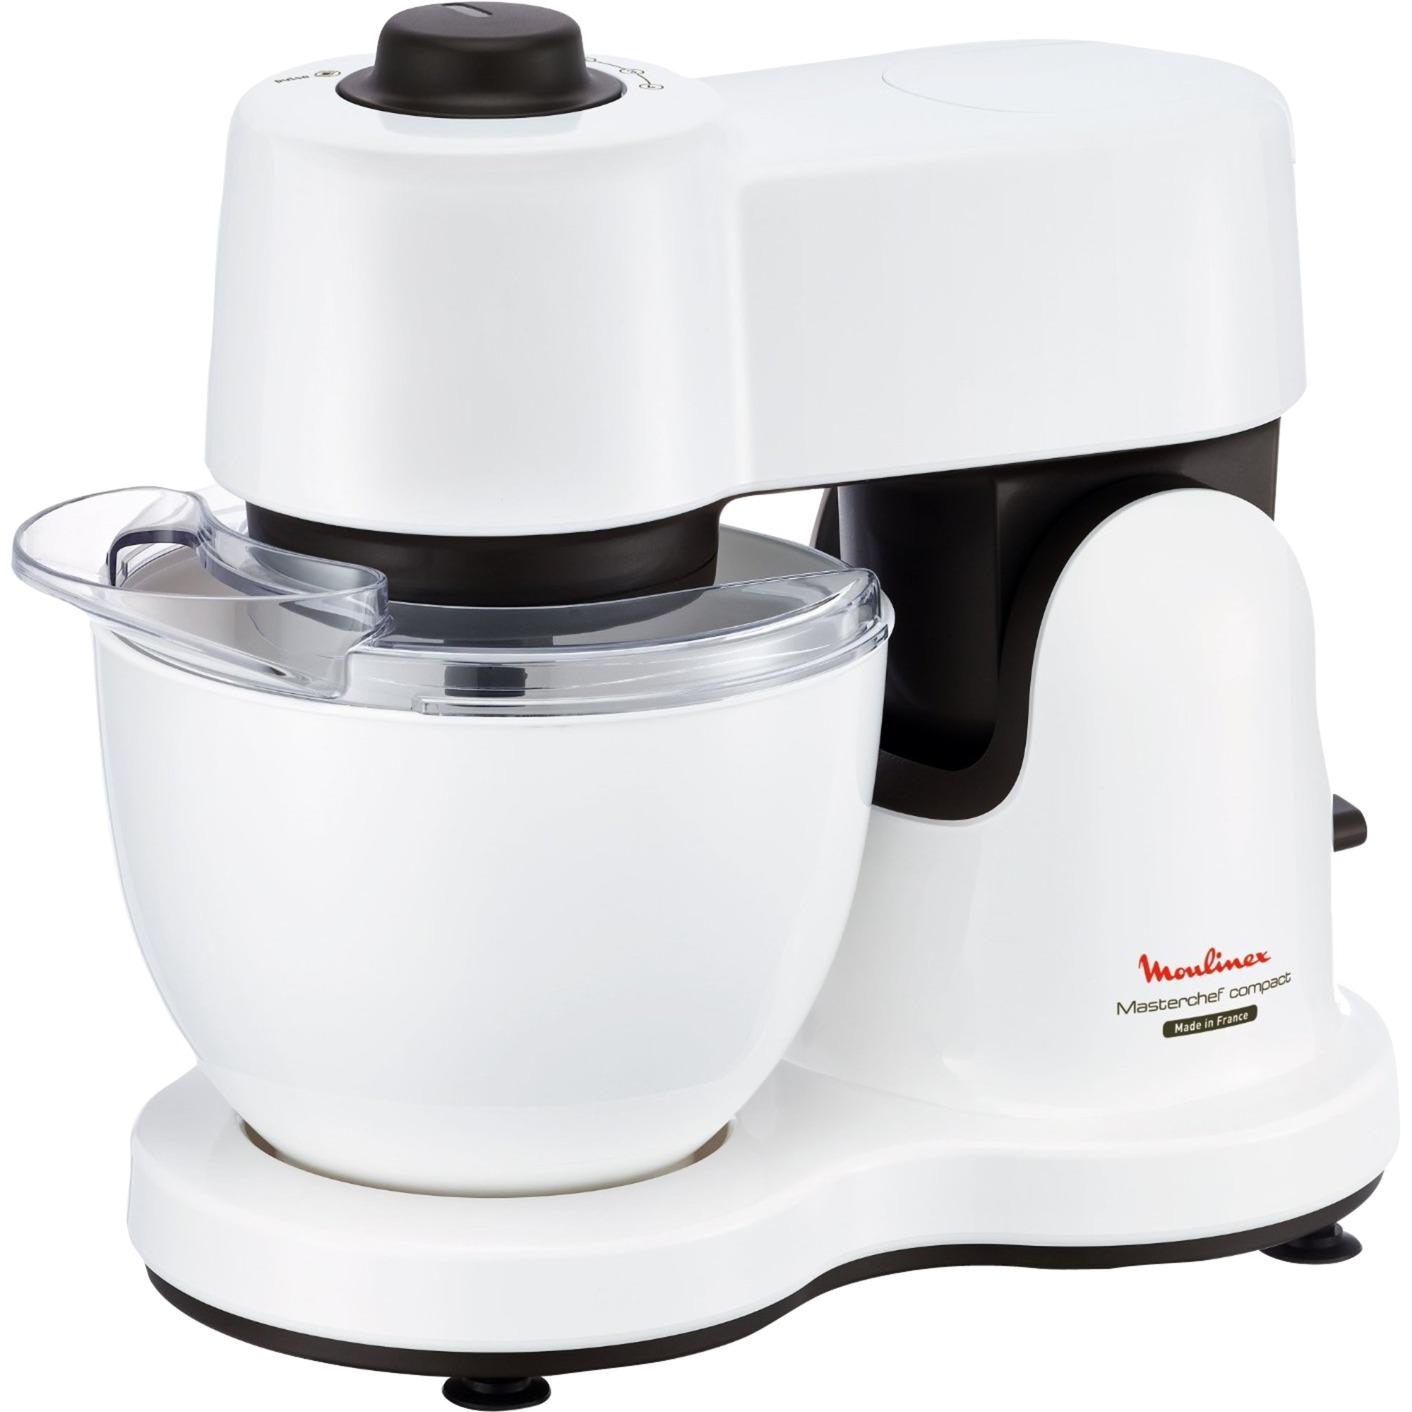 Moulinex robot cucina compatto masterchef 5000 2 2 prezzo e offerte sottocosto - Prezzo robot da cucina moulinex ...